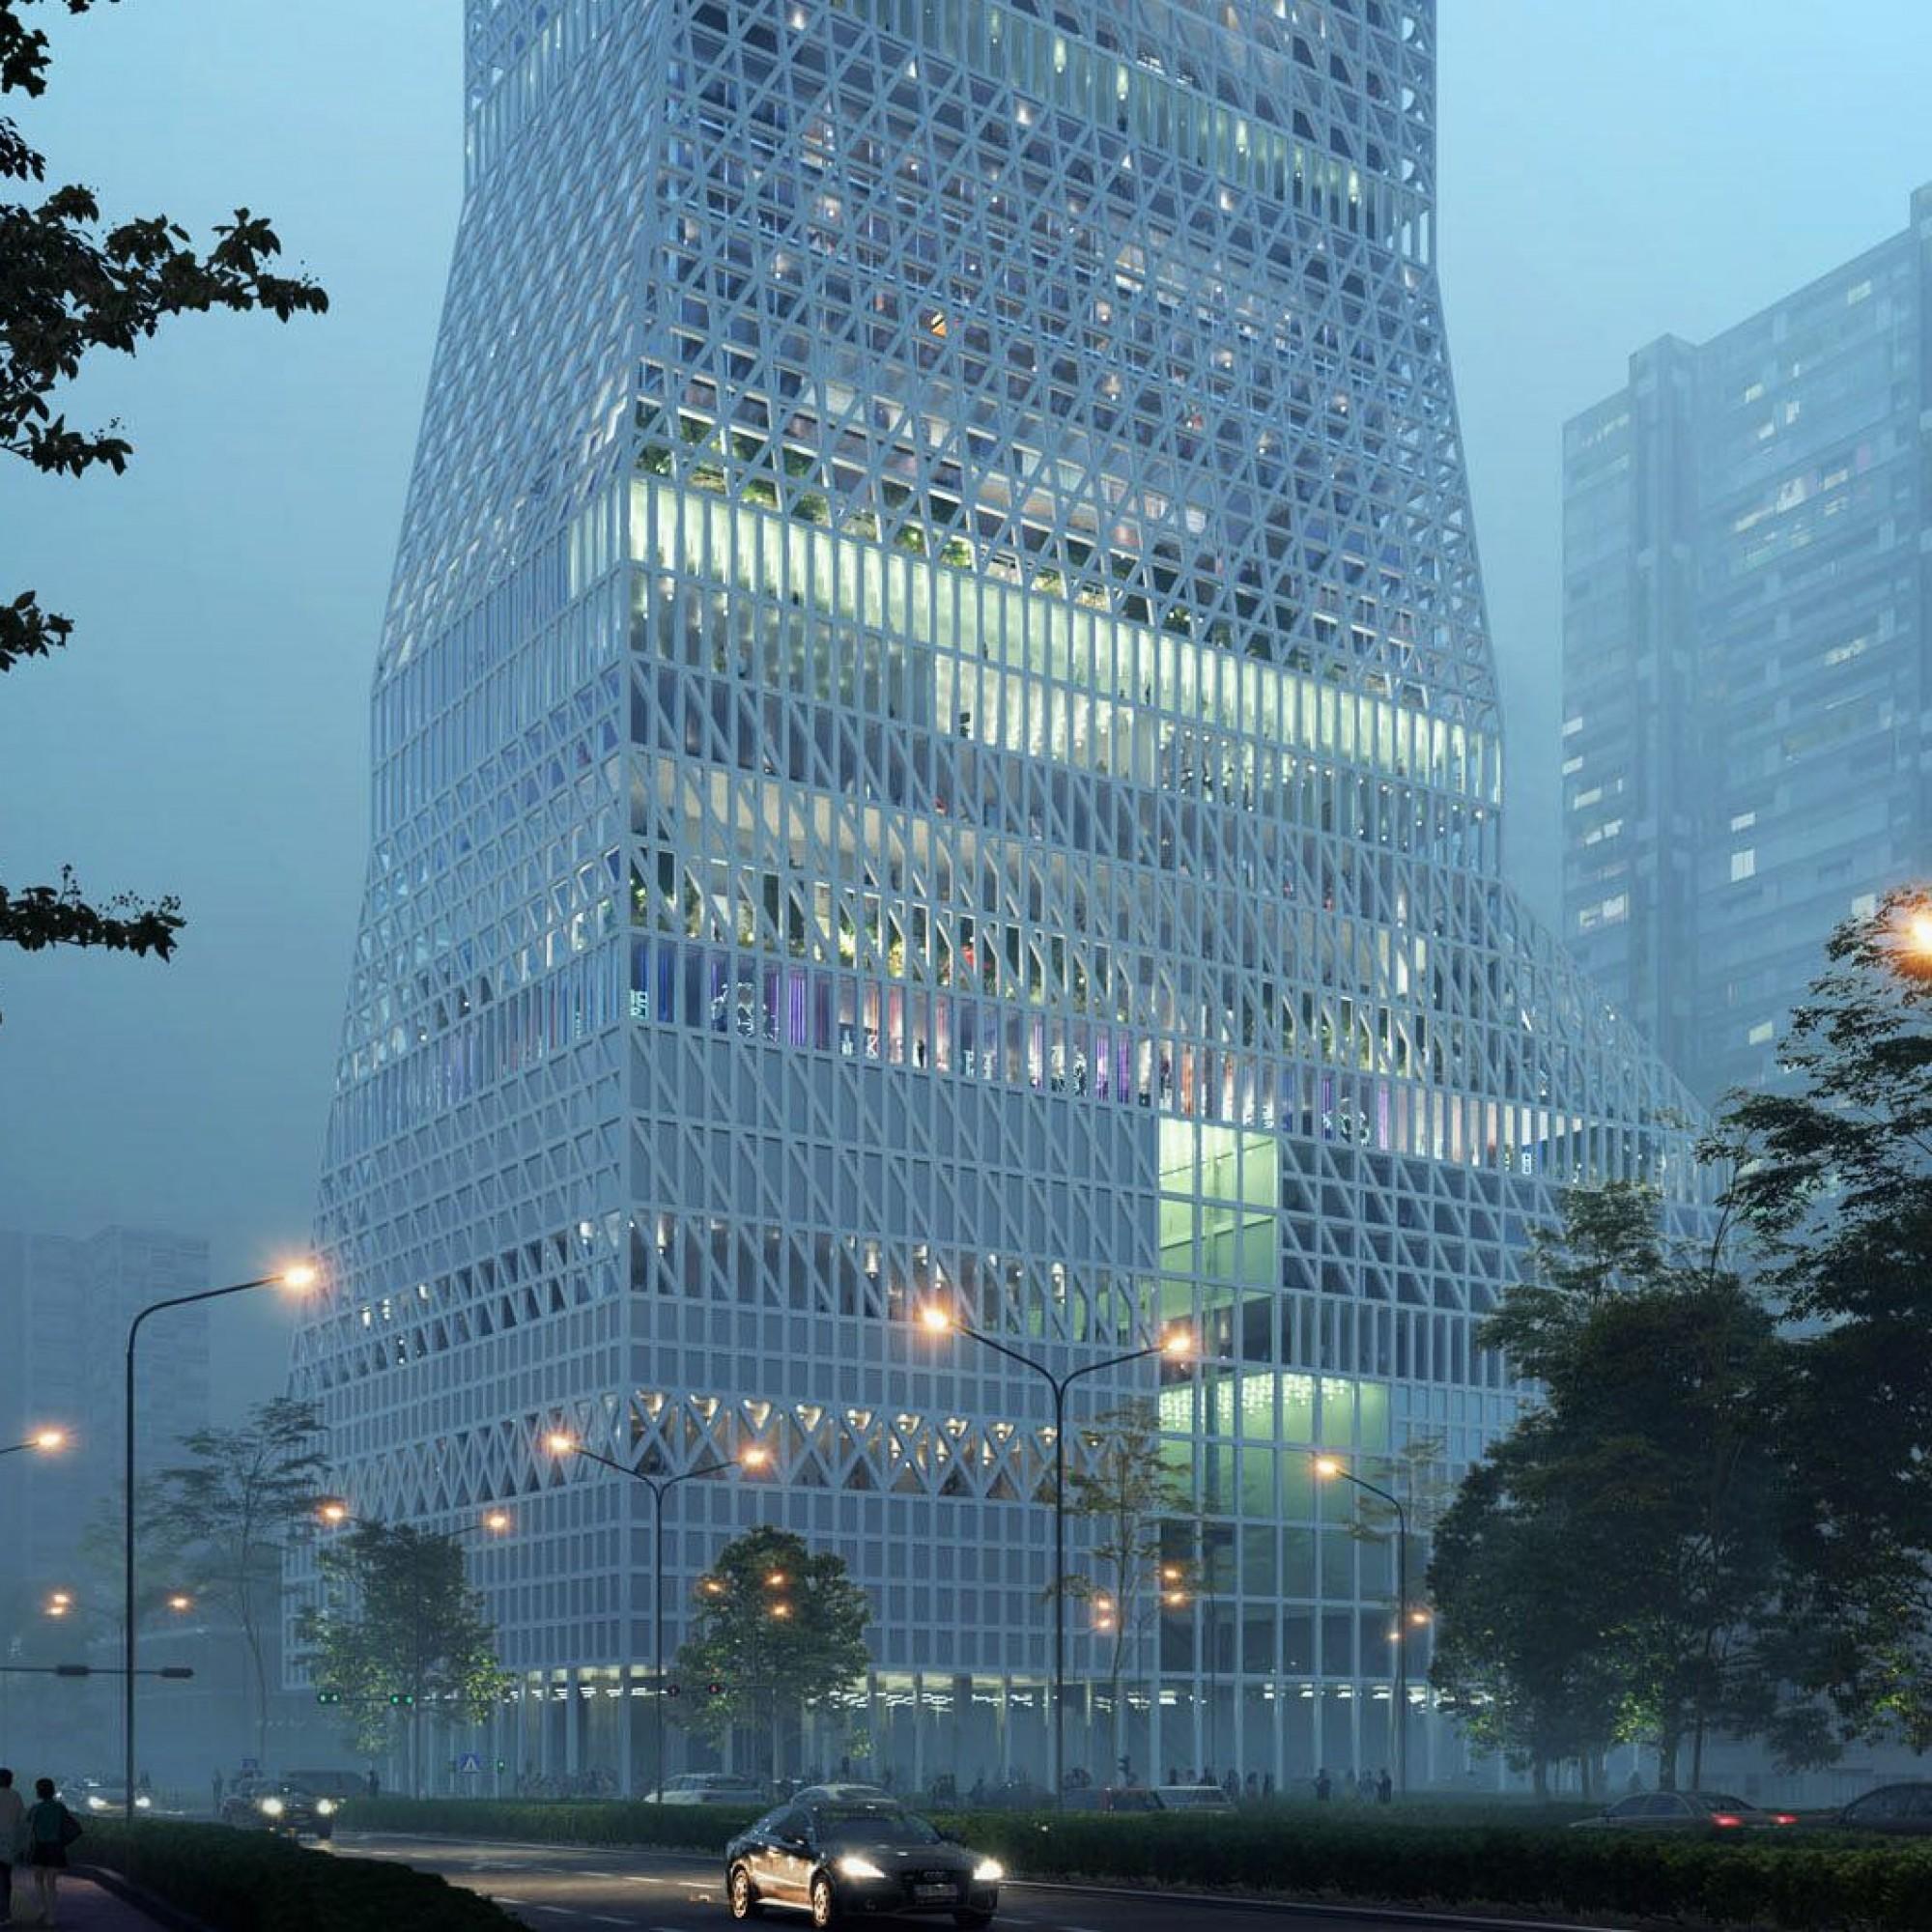 Das niederländische Architekturbüro Mecanoo hat den Wettbewerb zum neuen Kulturzentrum in Futian gewonnen.